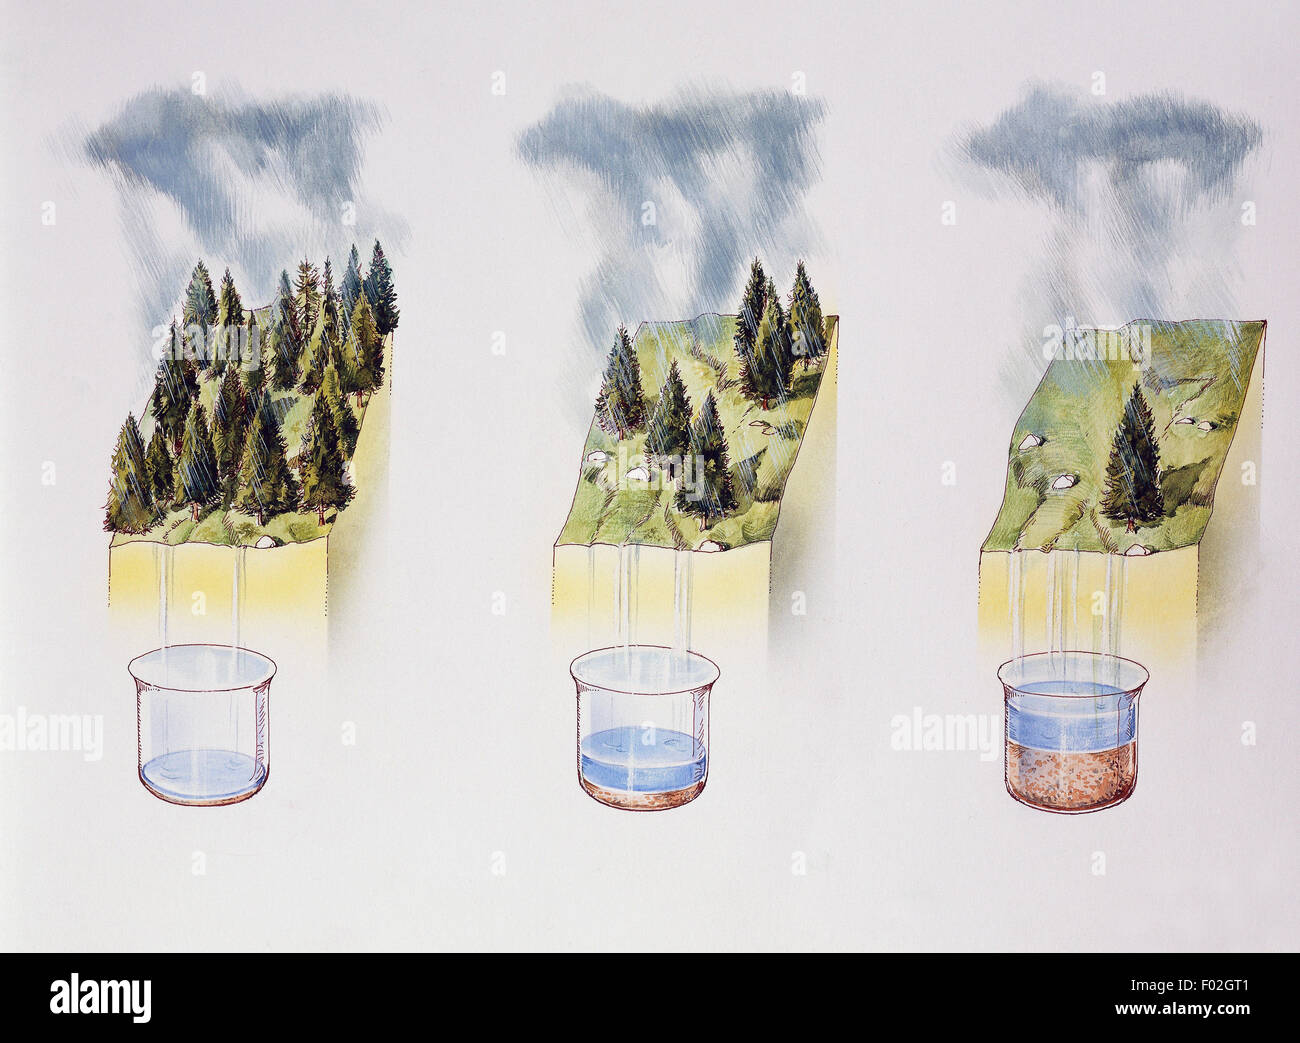 Beispiel wie Bodenerosion, zeichnen die Dichte Vegetation beeinflusst. Stockbild